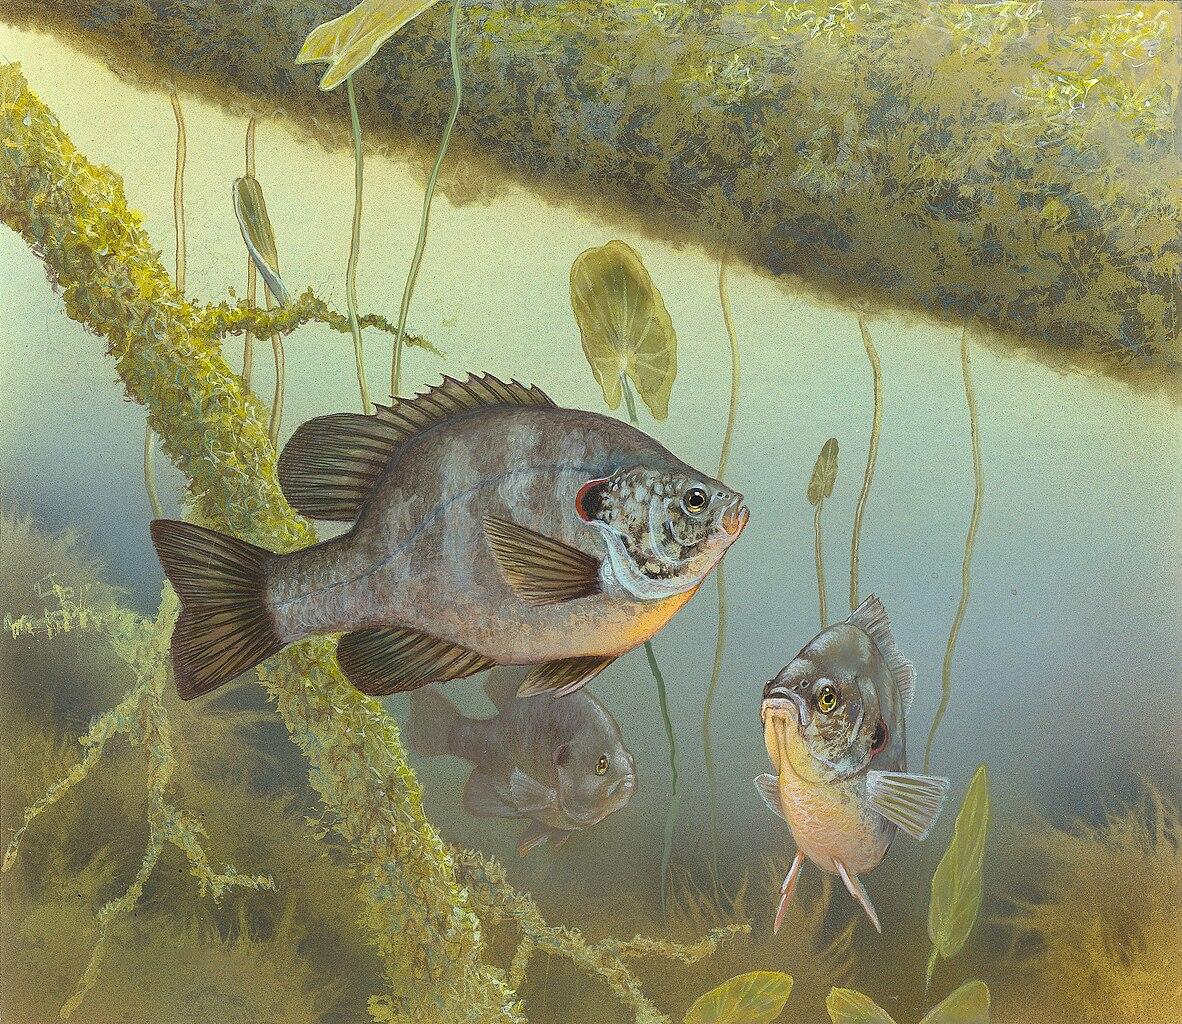 Redear Sunfish : File:Redear sunfish FWS 1.jpg - Wikimedia Commons